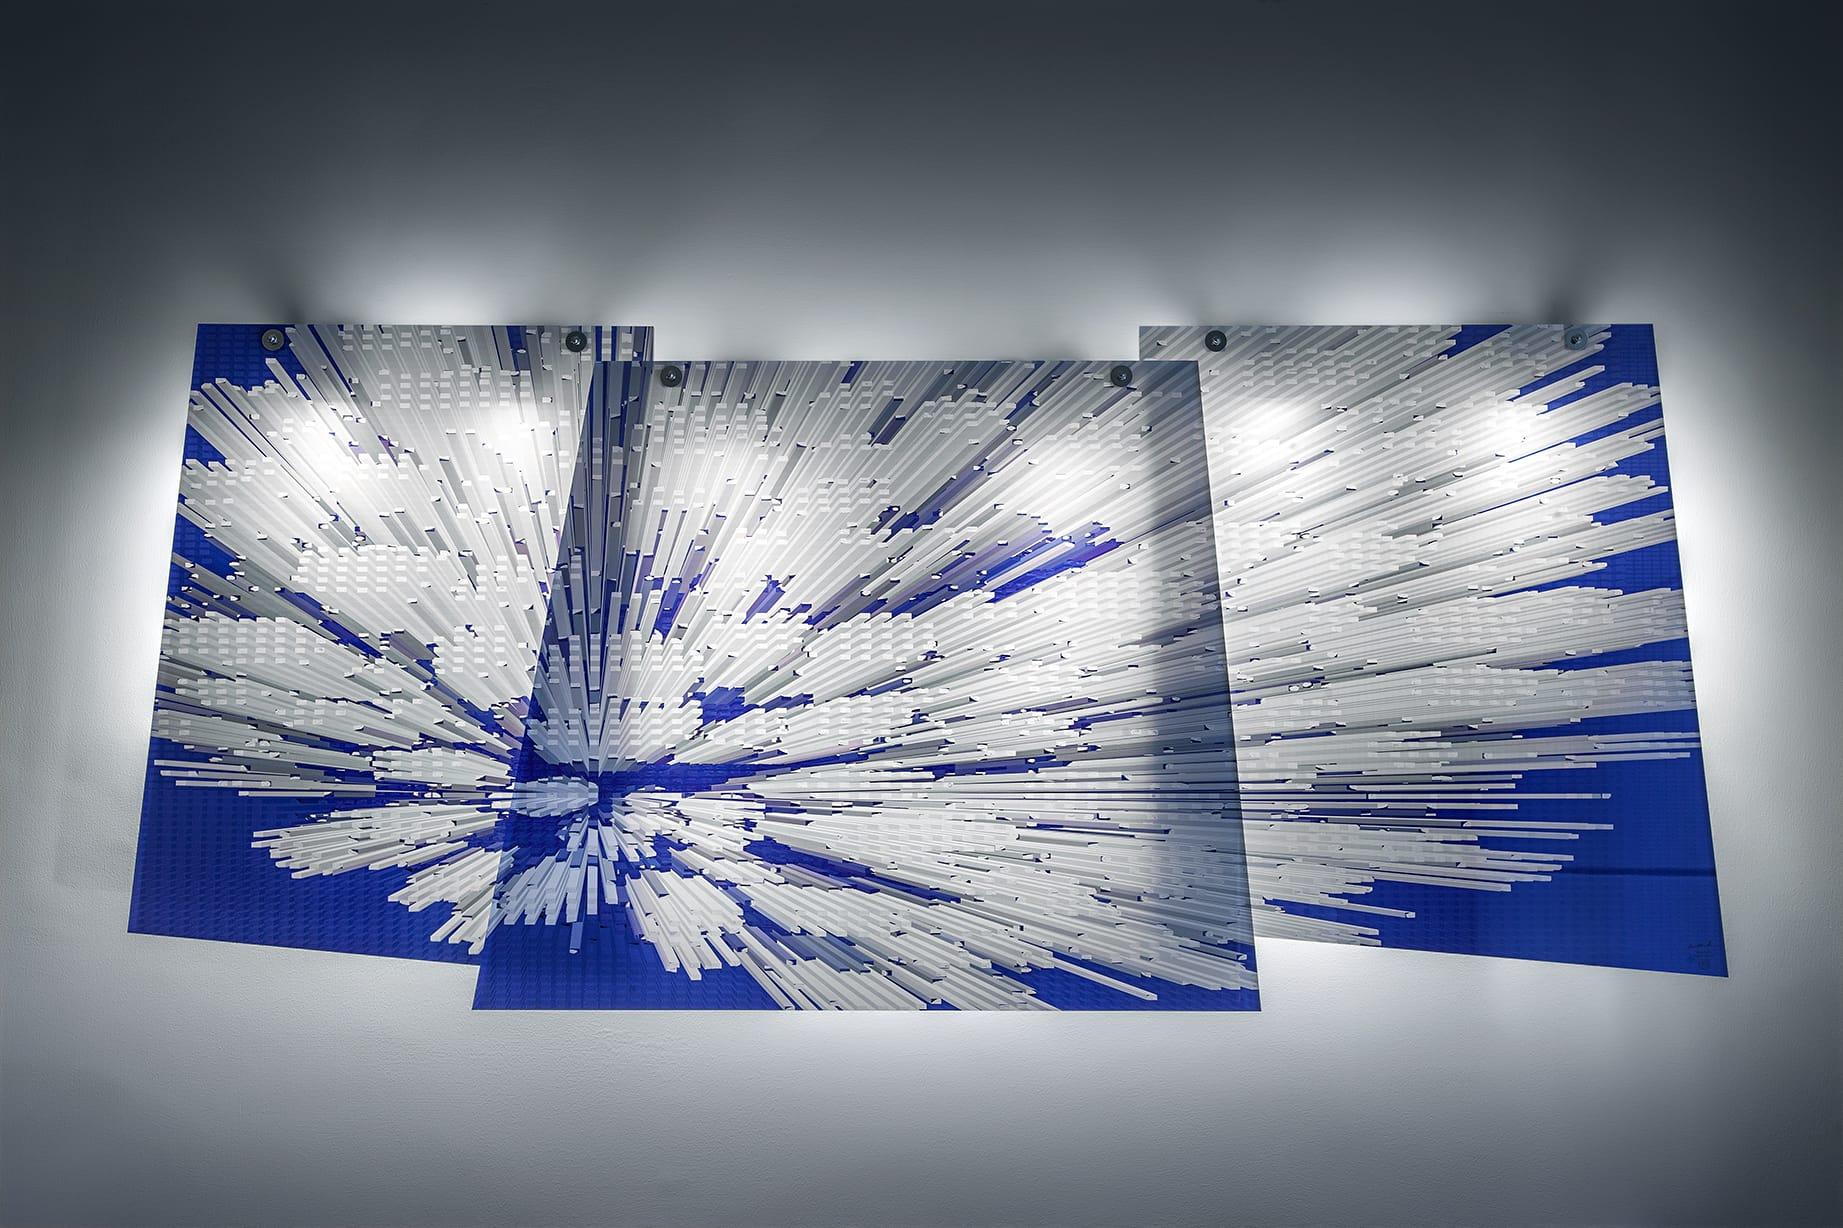 Antonio Mazzetti - Fotoscultura